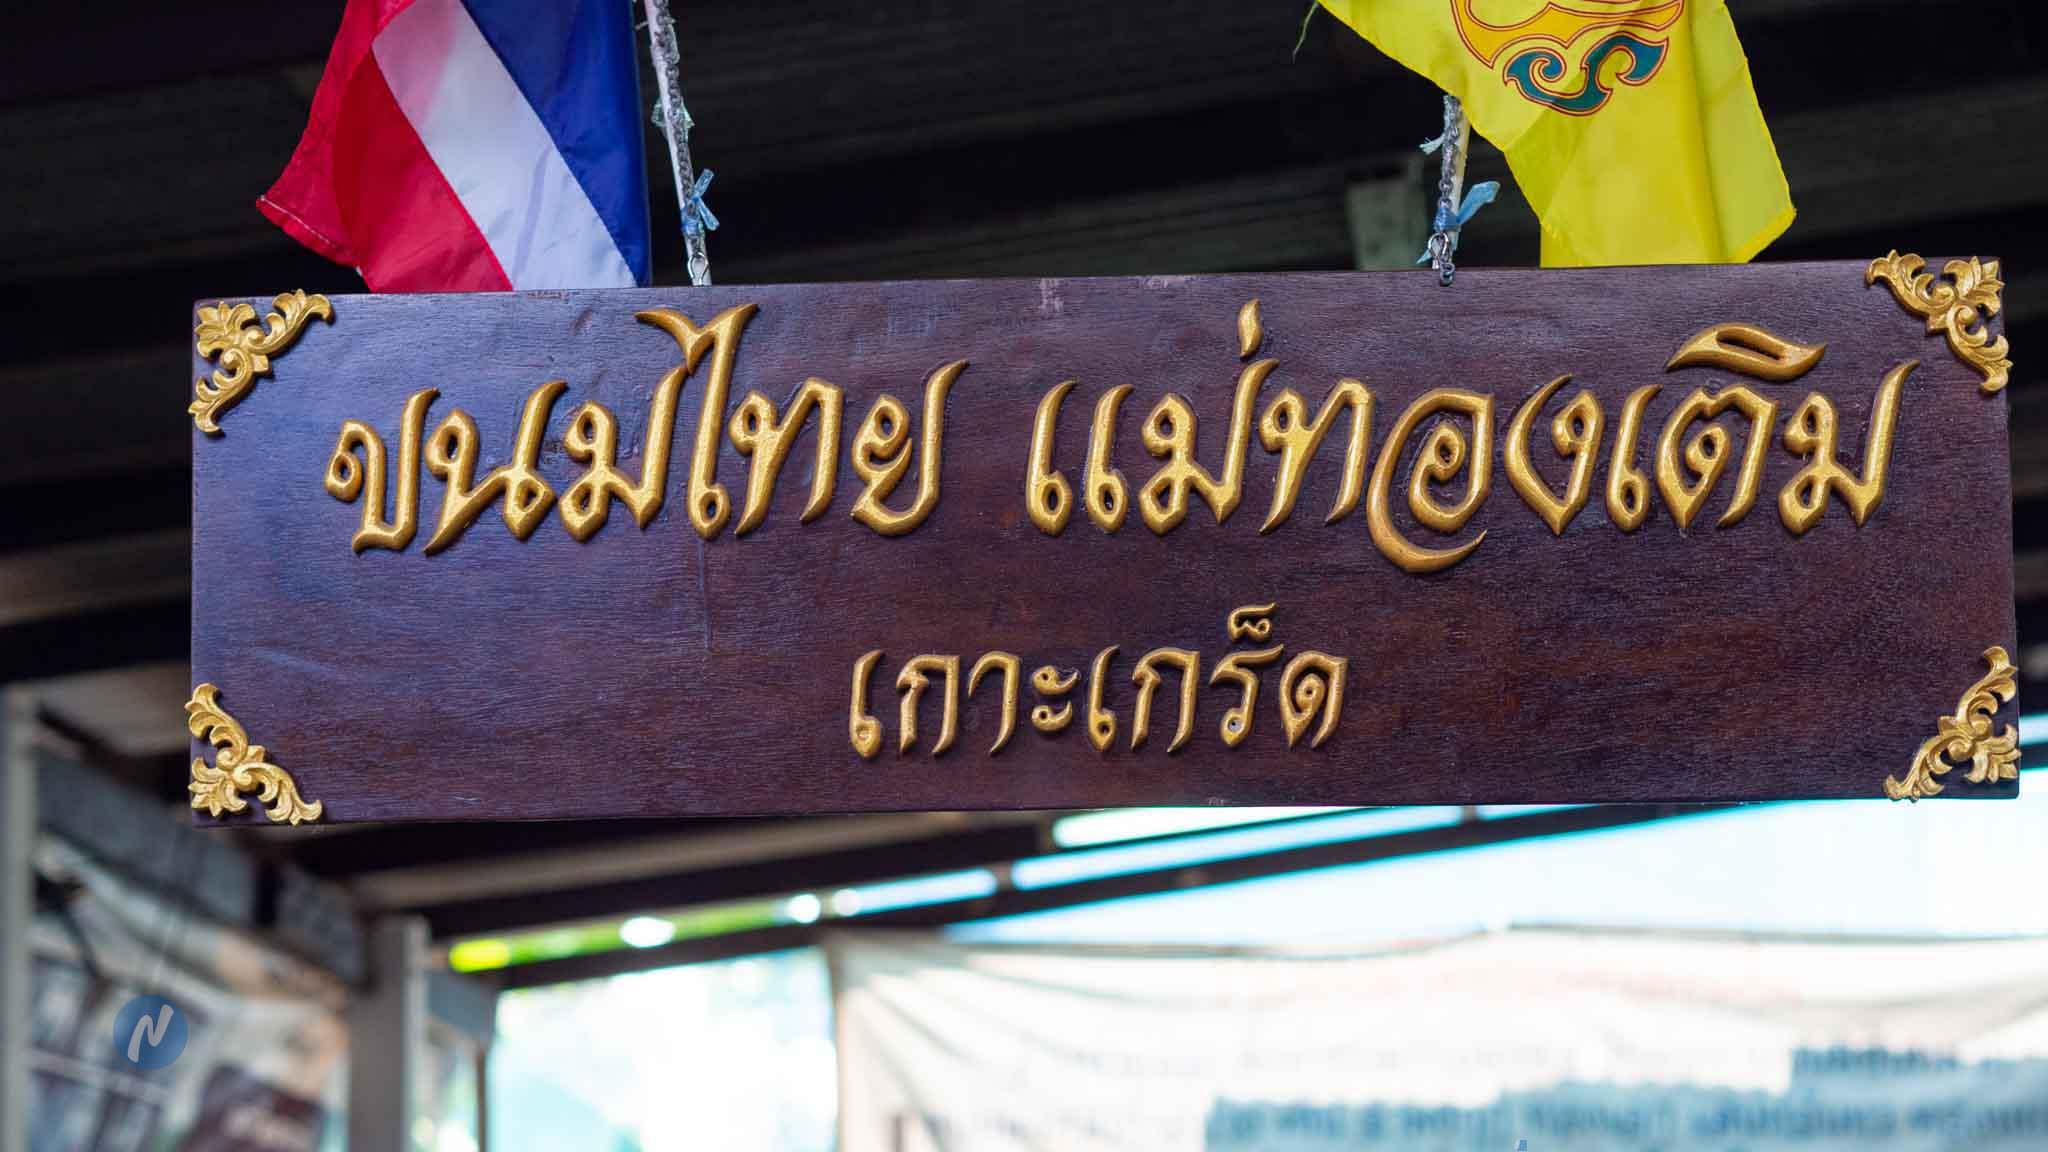 เที่ยวเกาะเกร็ด จ.นนทบุรี